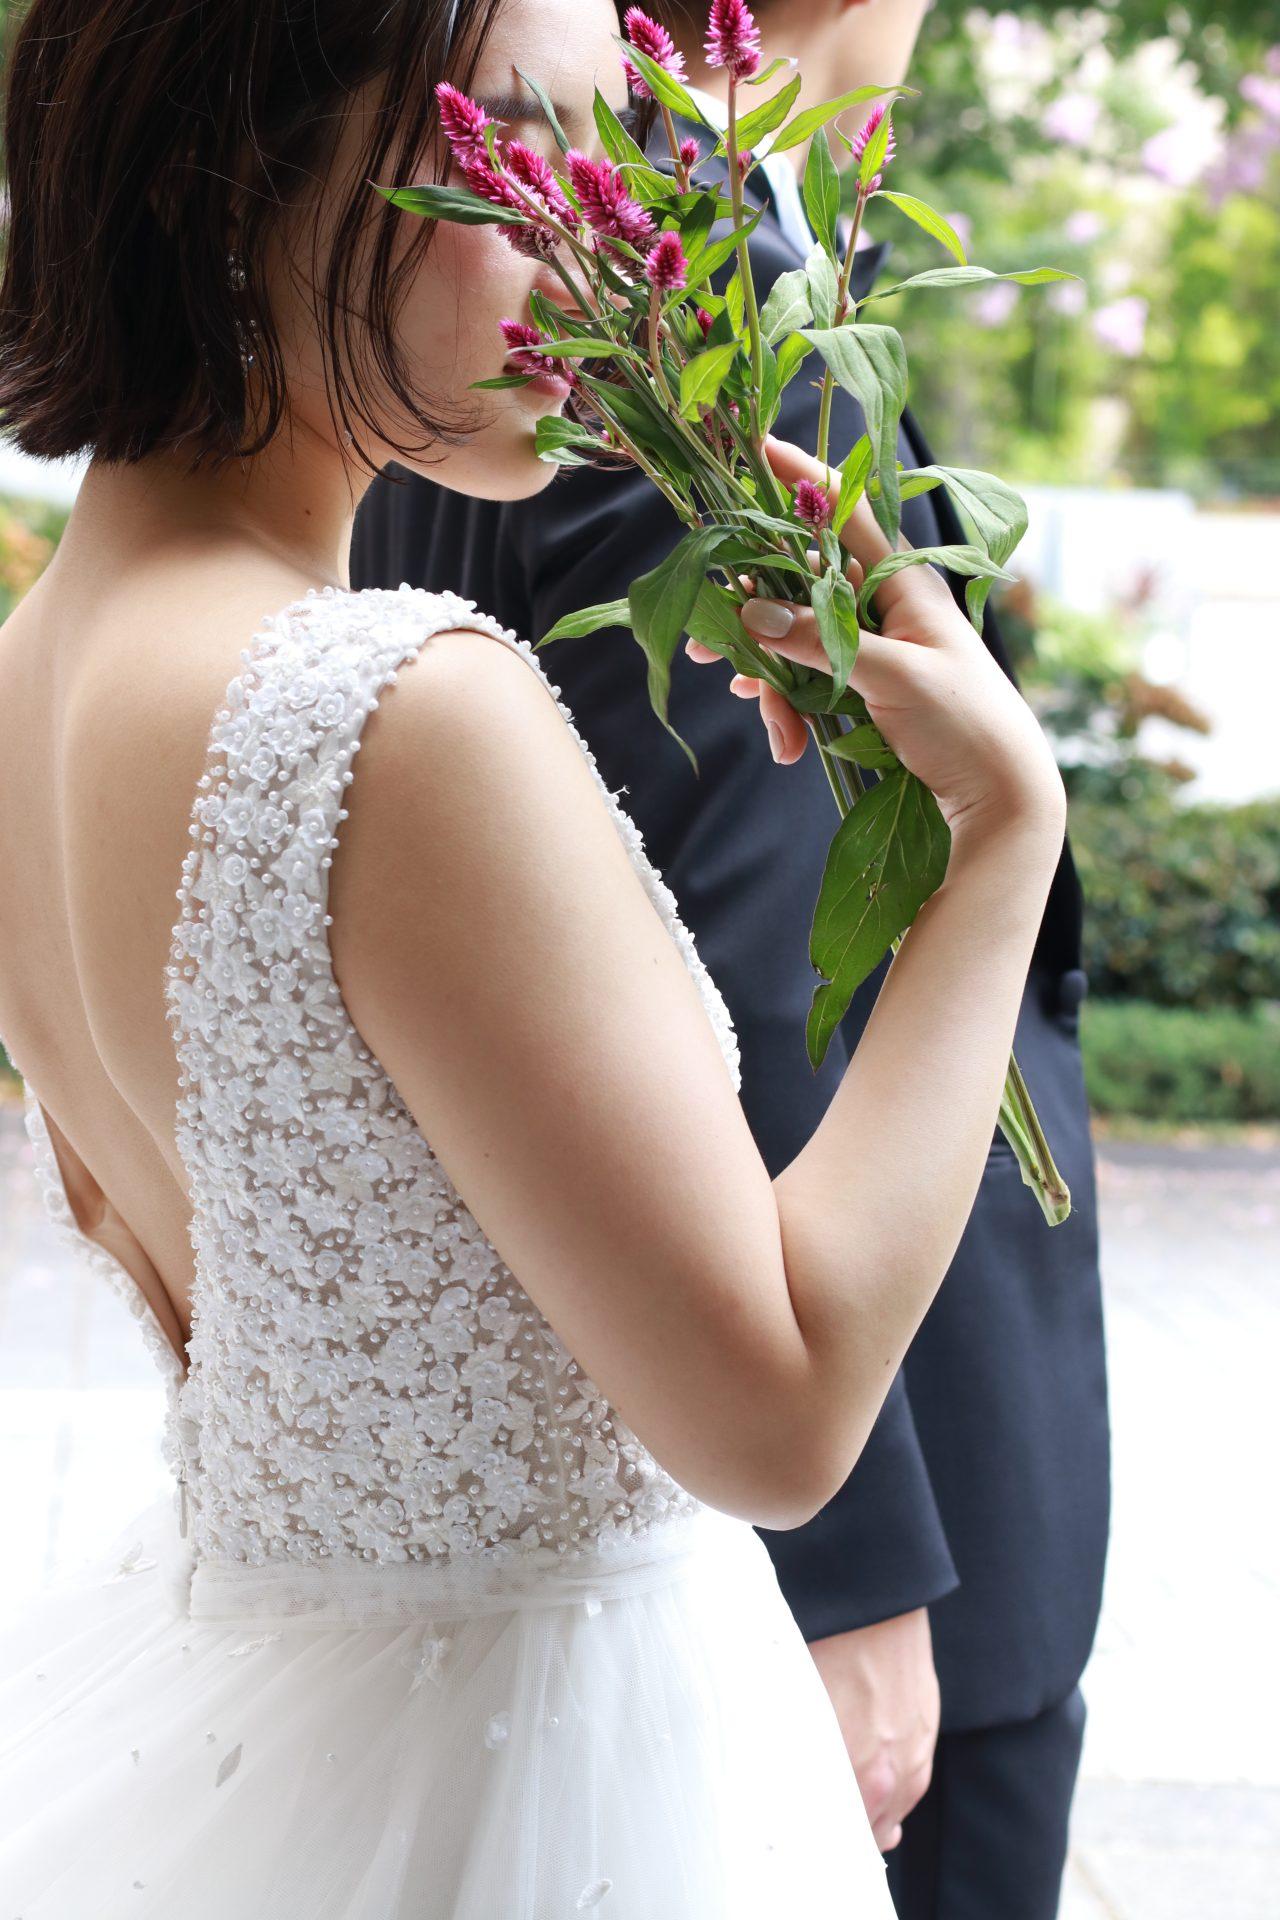 THE TREAT DRESSING ADDITION店にてお取り扱いのあるリームアクラのウェディングドレスは、インド刺繍が美しく細やかなパールと3Dフラワーモチーフが特徴的で花嫁の心をくすぐります